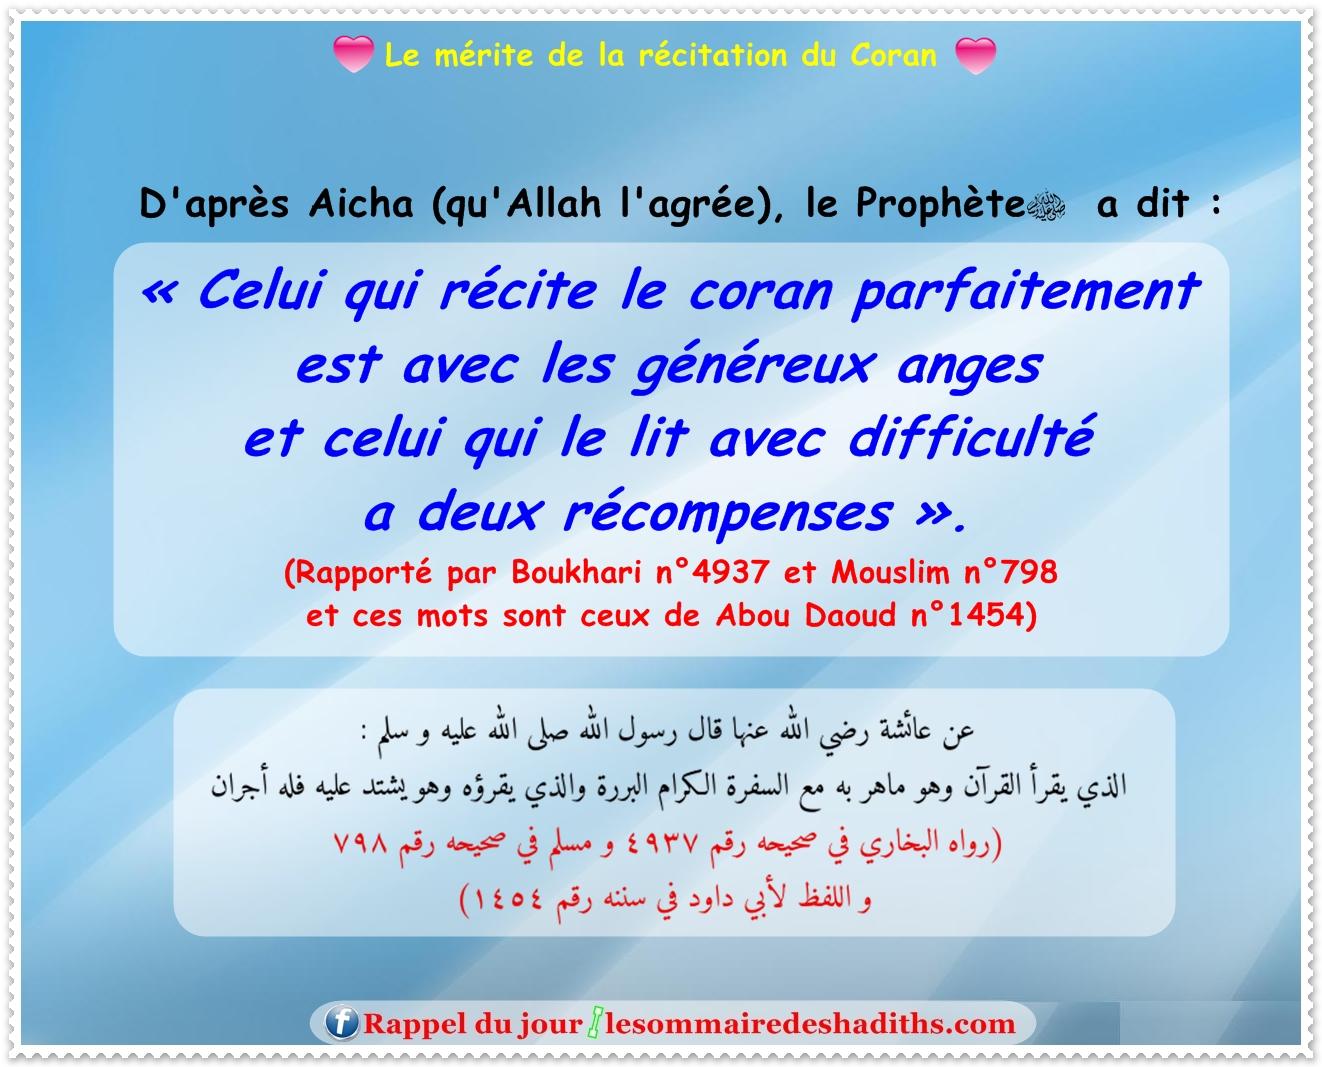 hadith Le mérite de la récitation du Coran (Aicha)